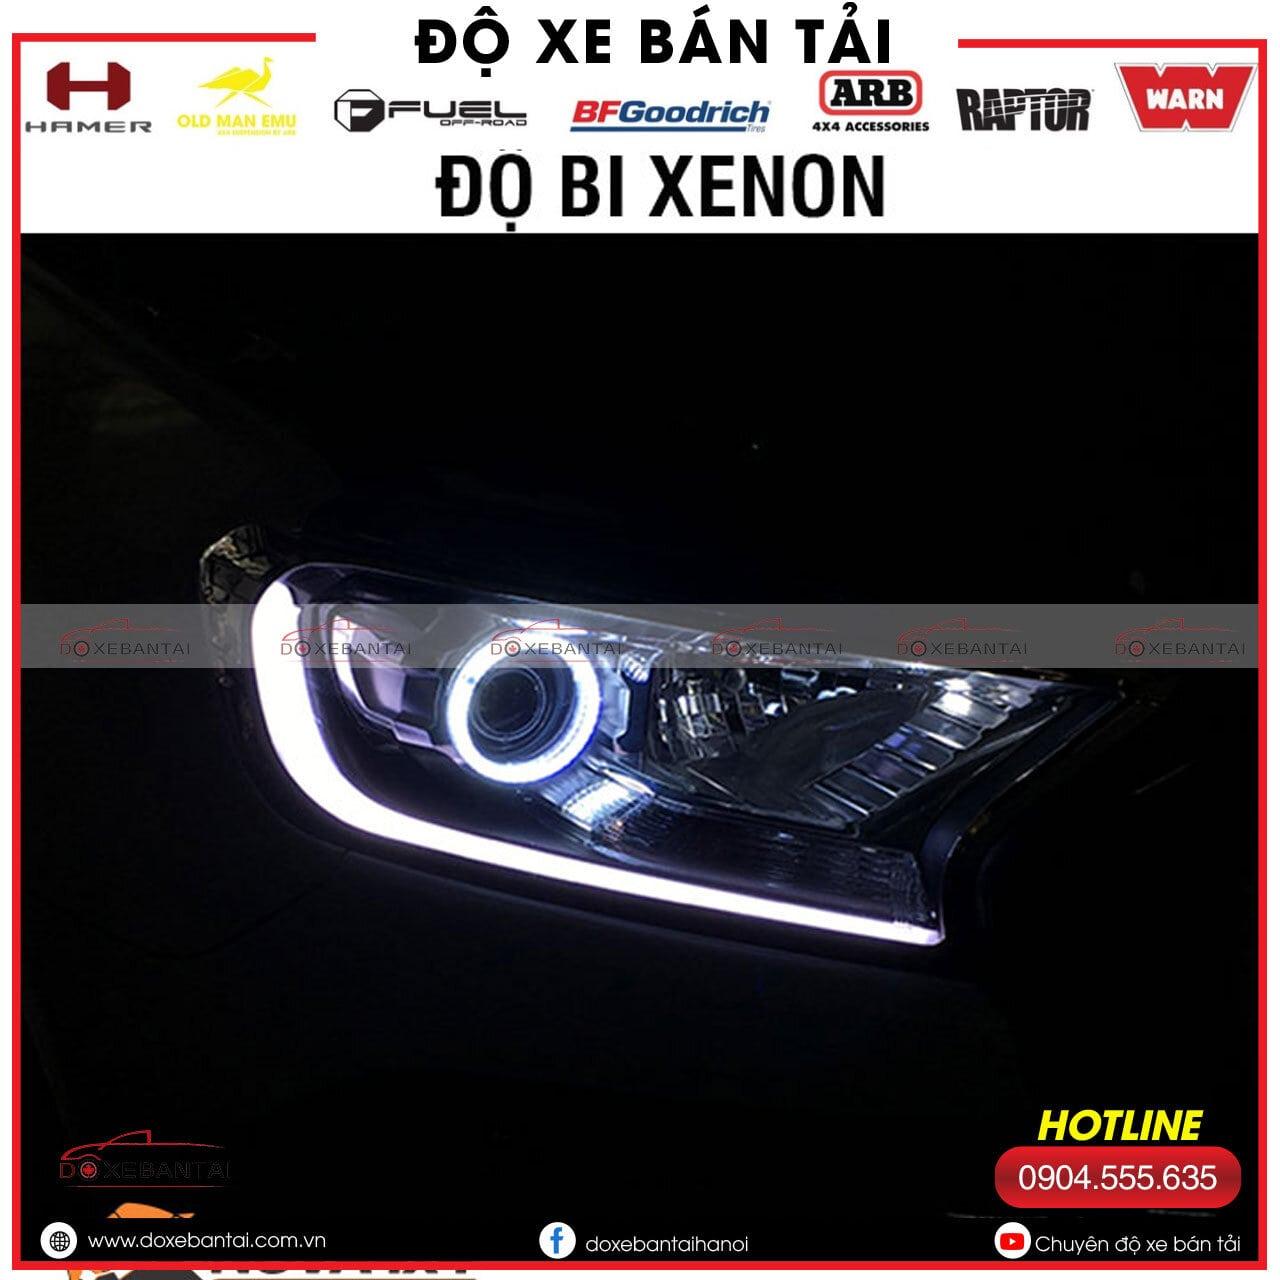 Nhung-dieu-ban-can-biet-khi-do-den-Ford-Ranger-XLS-2.jpg